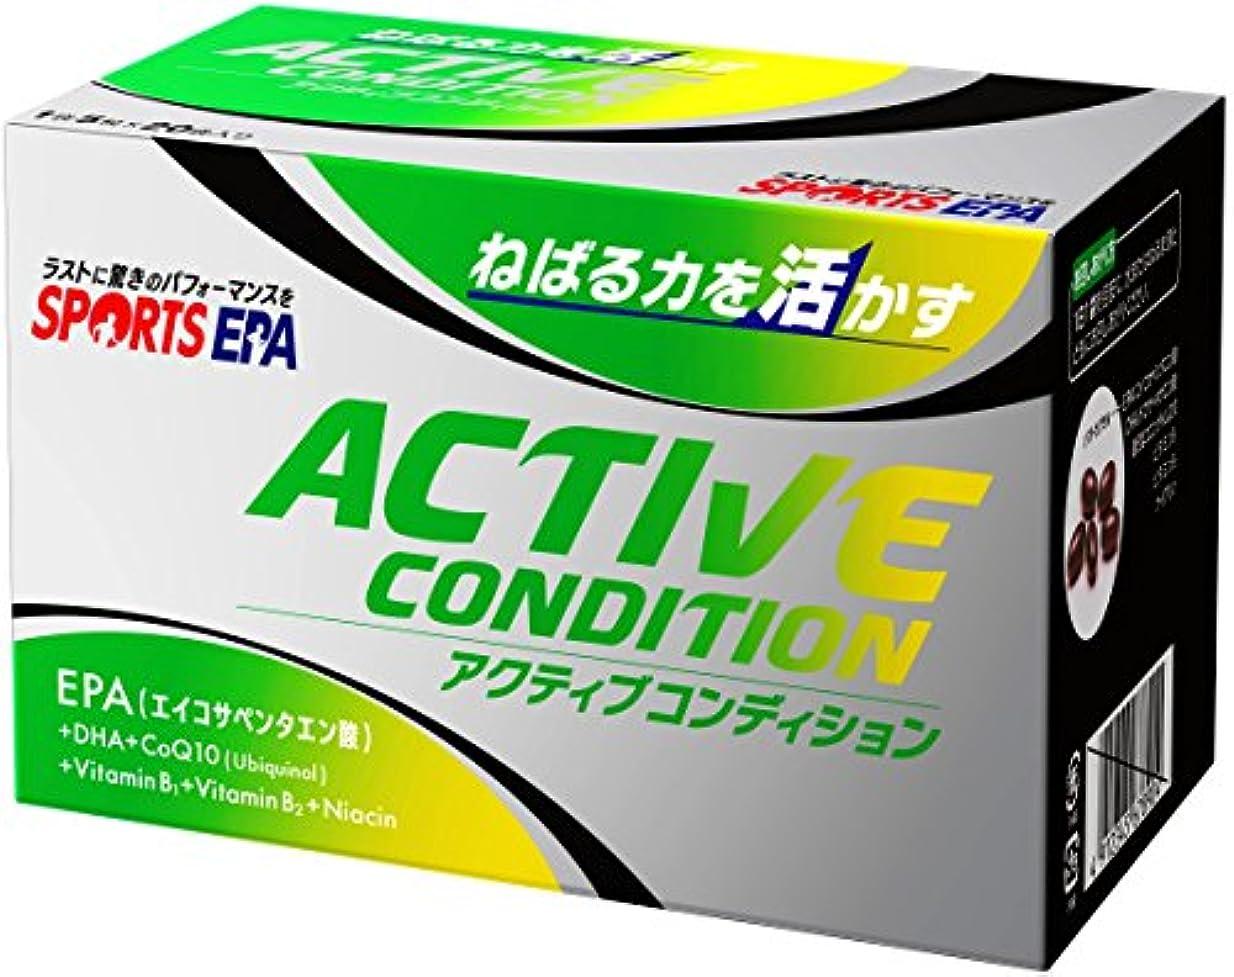 保安受取人くるみSPORTS EPA アクティブコンディション(分包) 5粒入り×20袋